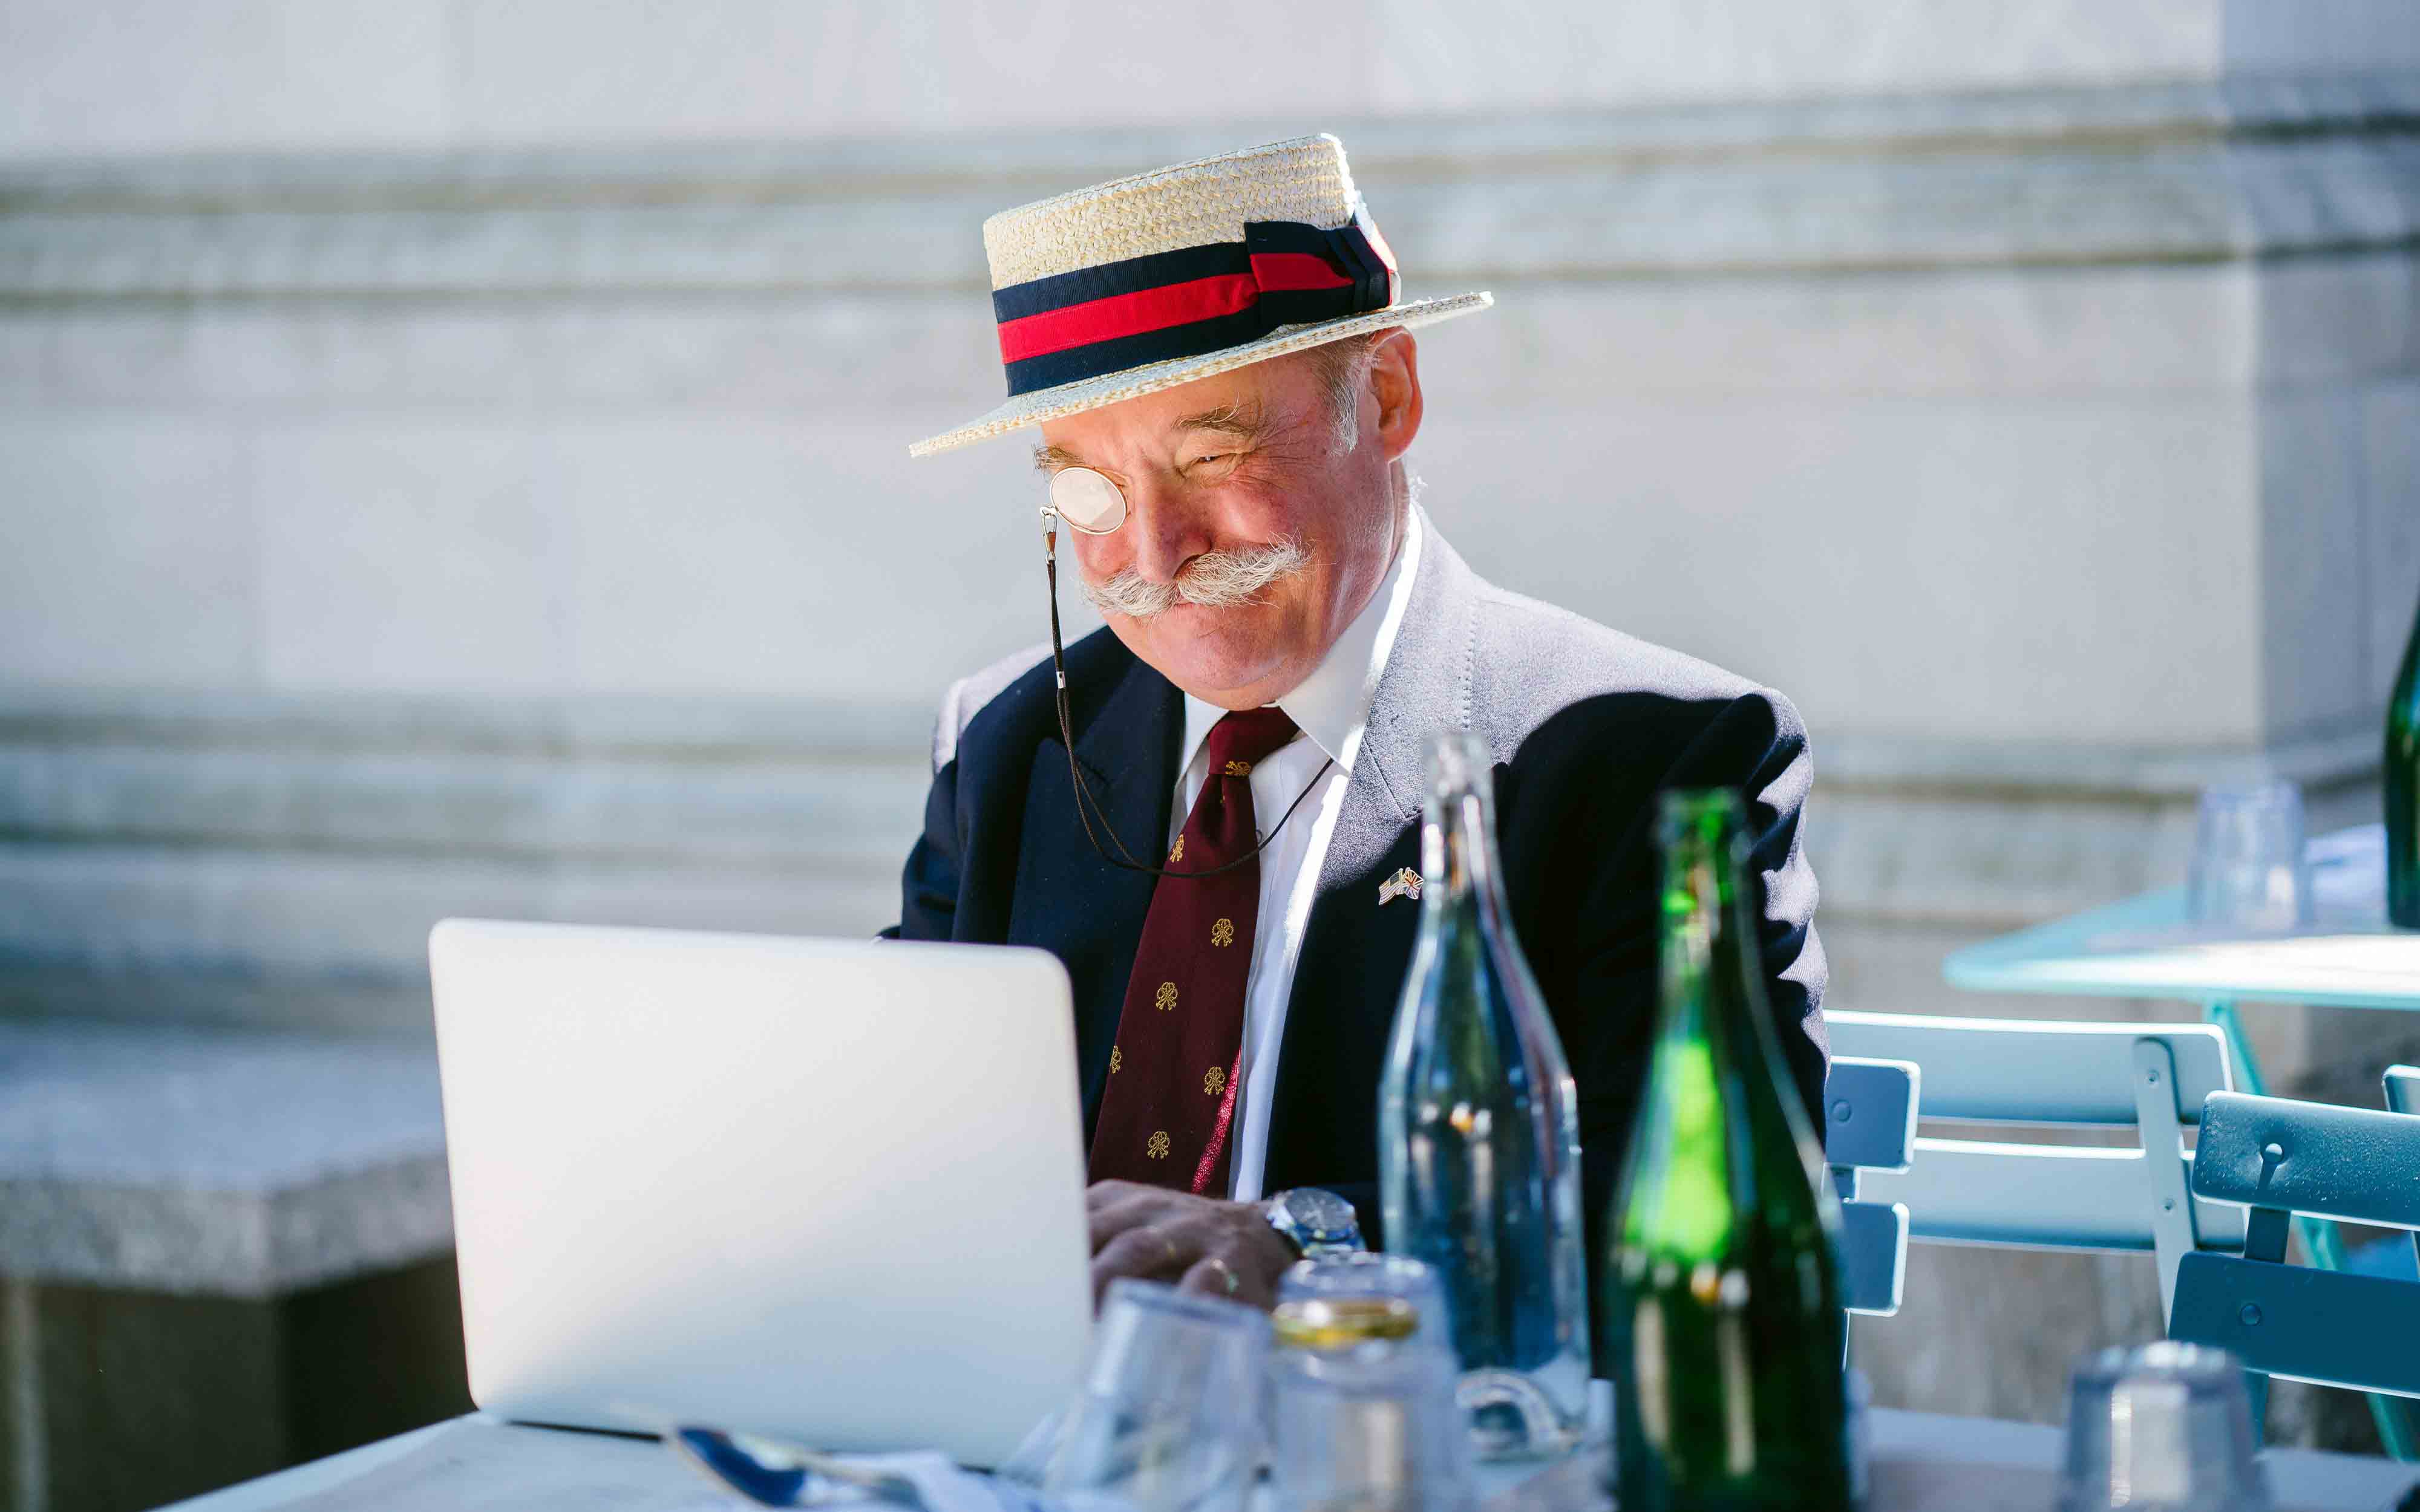 怎样更好地与年长者交流